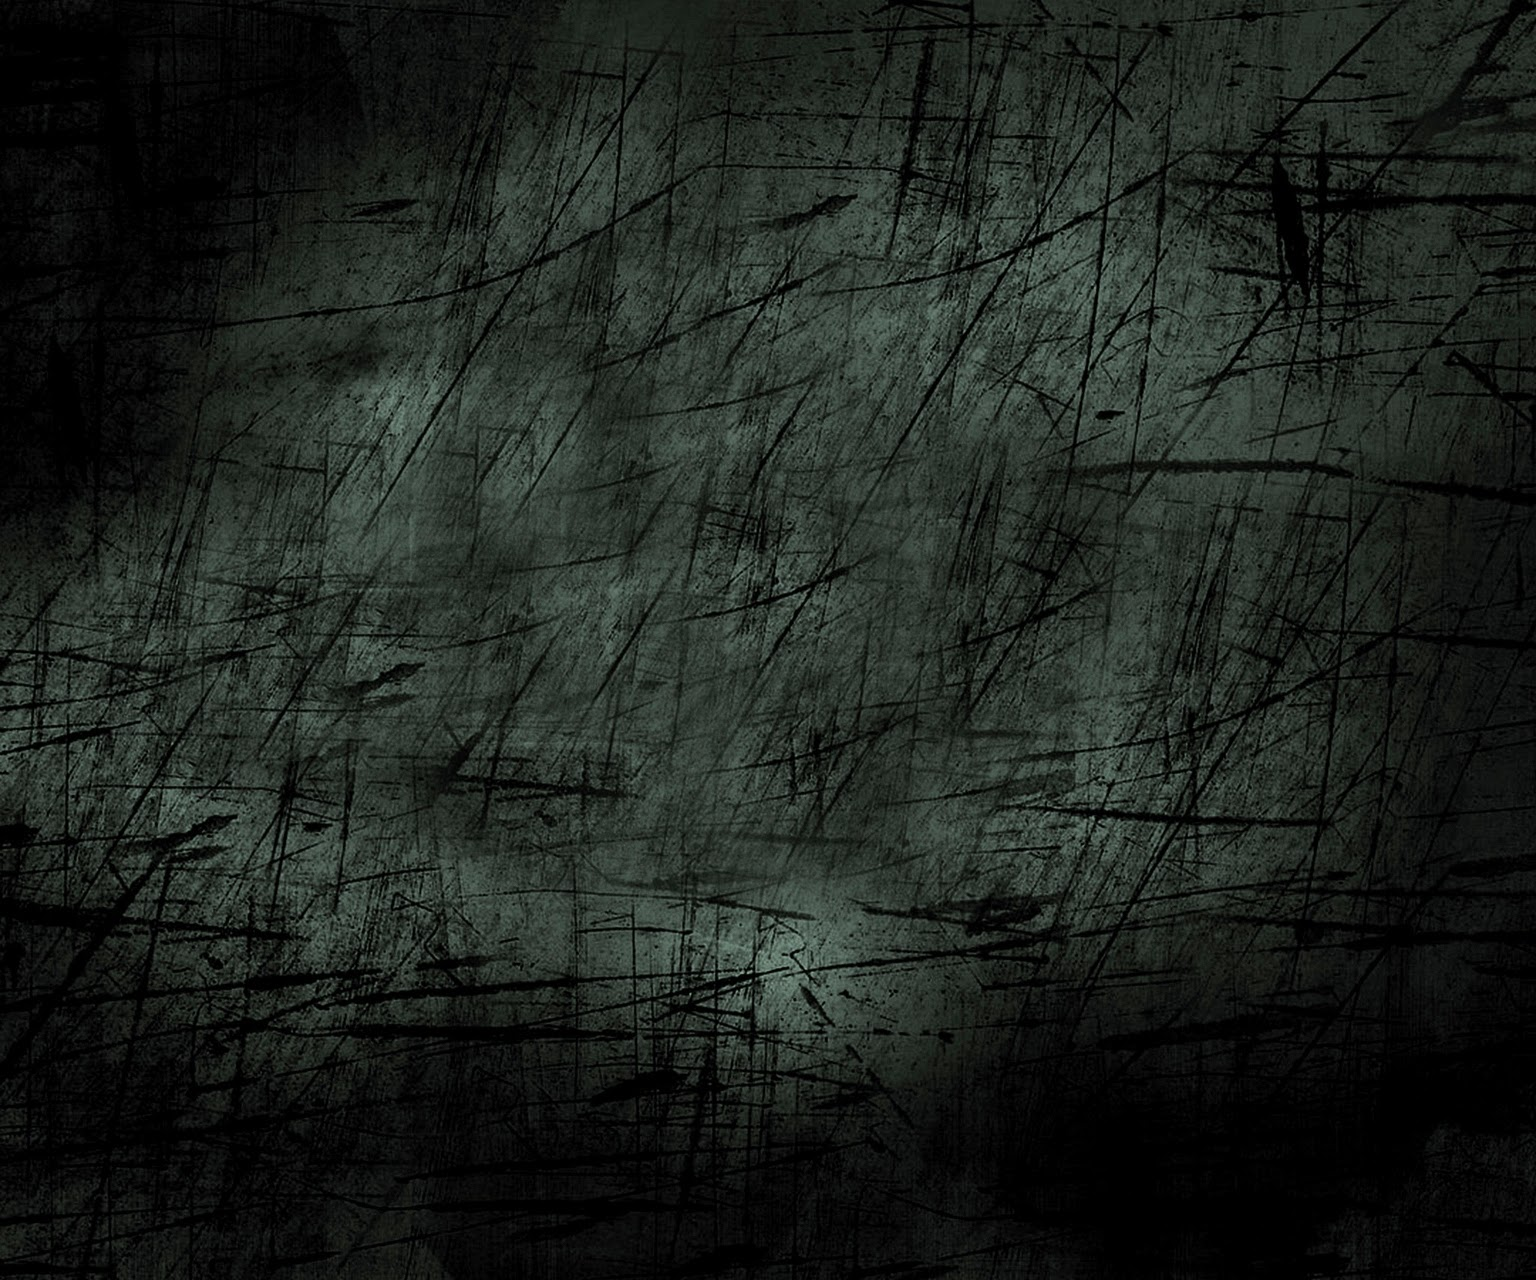 BlackBerry Z10 HD Wallpapers Simple 2014